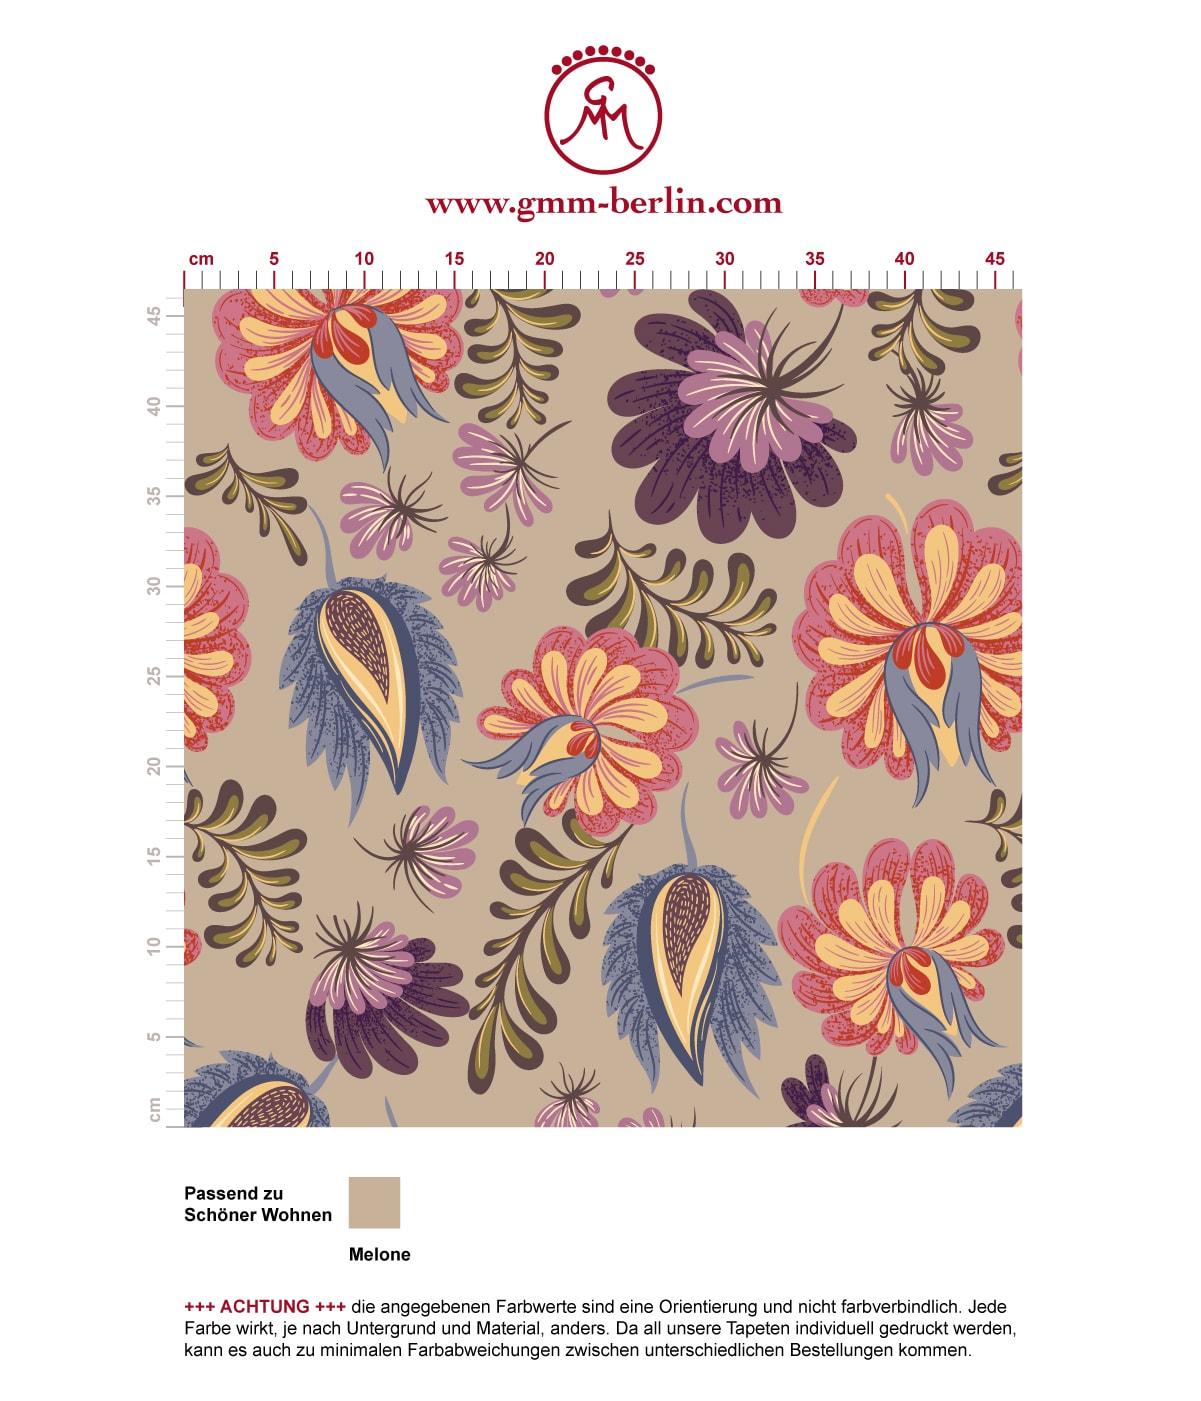 Florale Tapete mit großen Blüten auf beige angepasst an Schöner Wohnen Wandfarbe Melone. Aus dem GMM-BERLIN.com Sortiment: Schöne Tapeten in creme Farbe